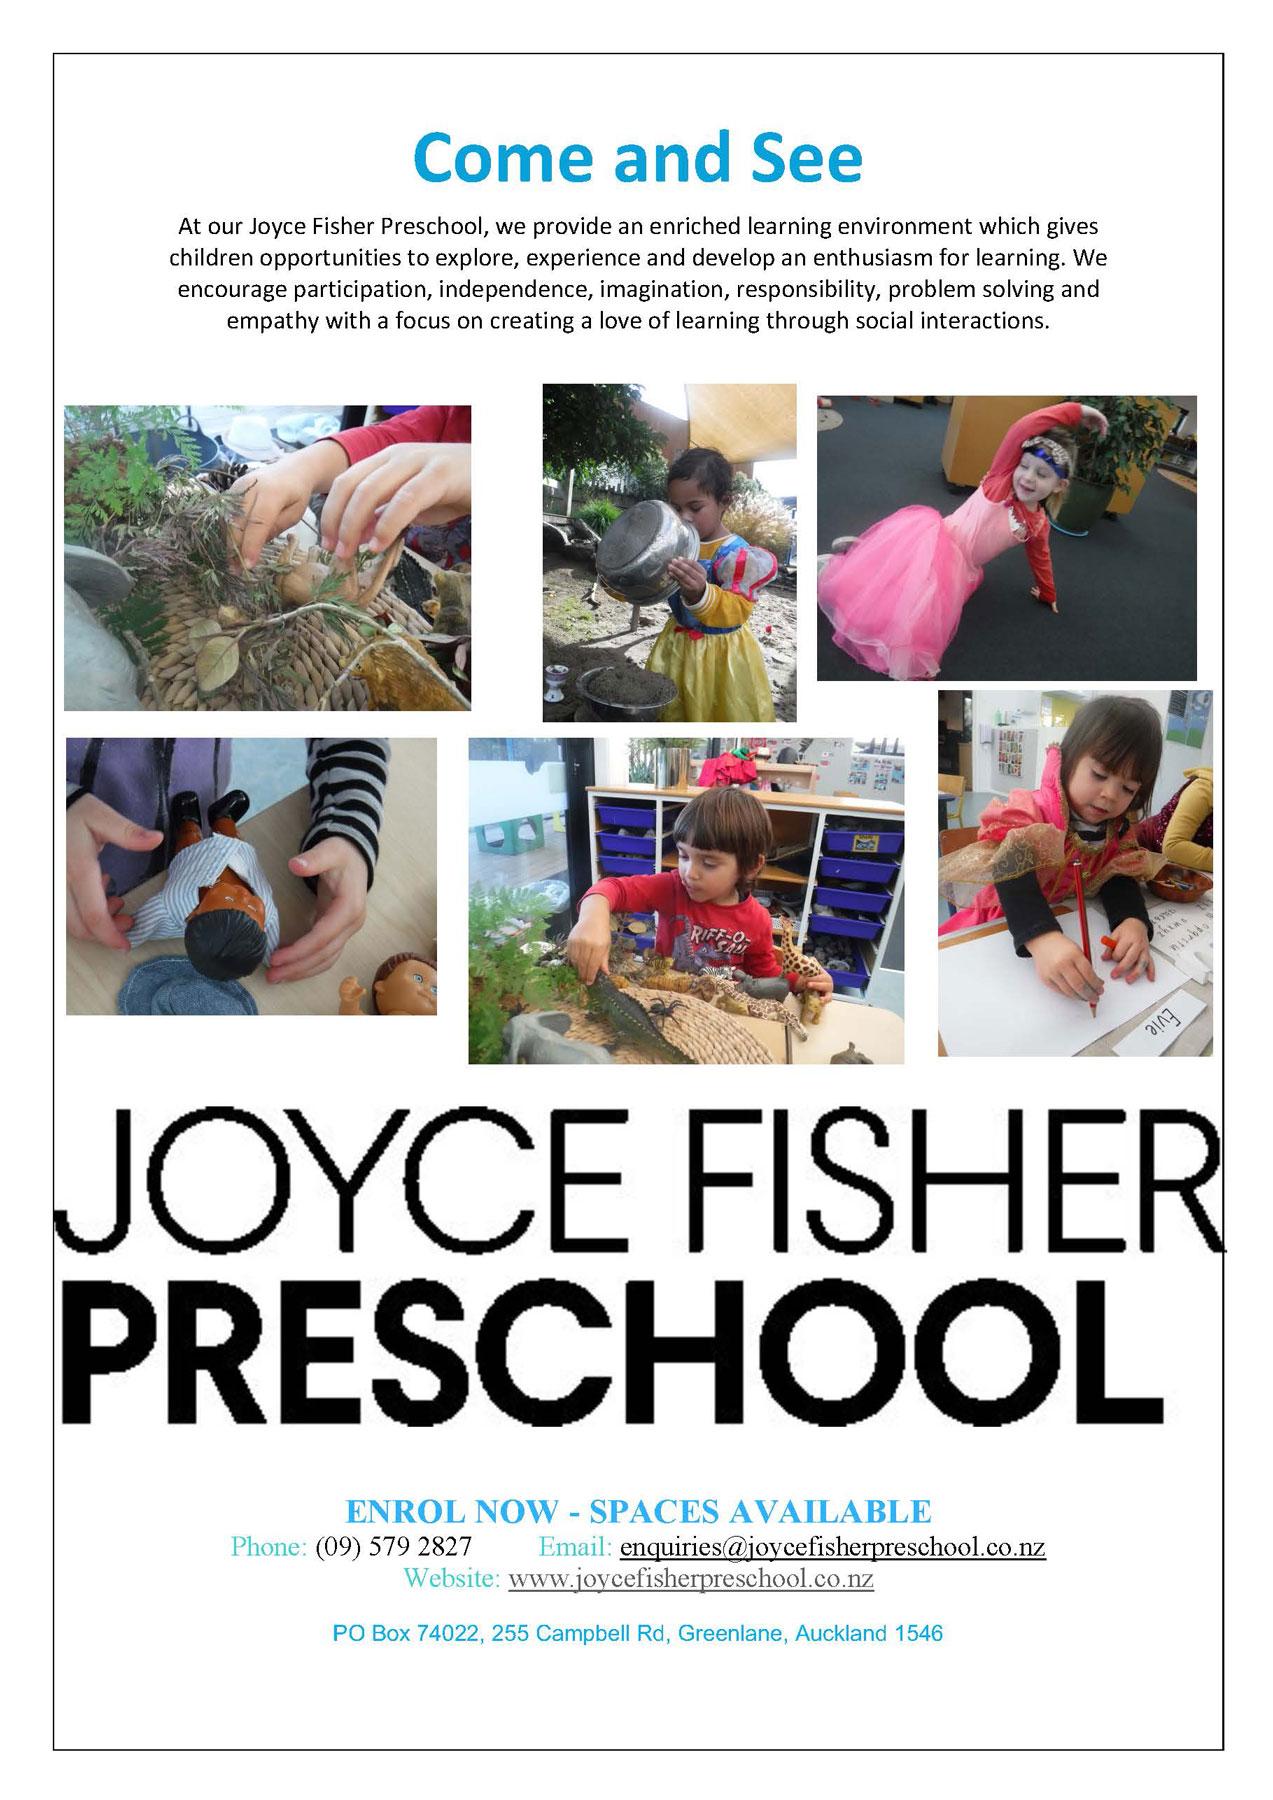 Joyce Fisher Preschool